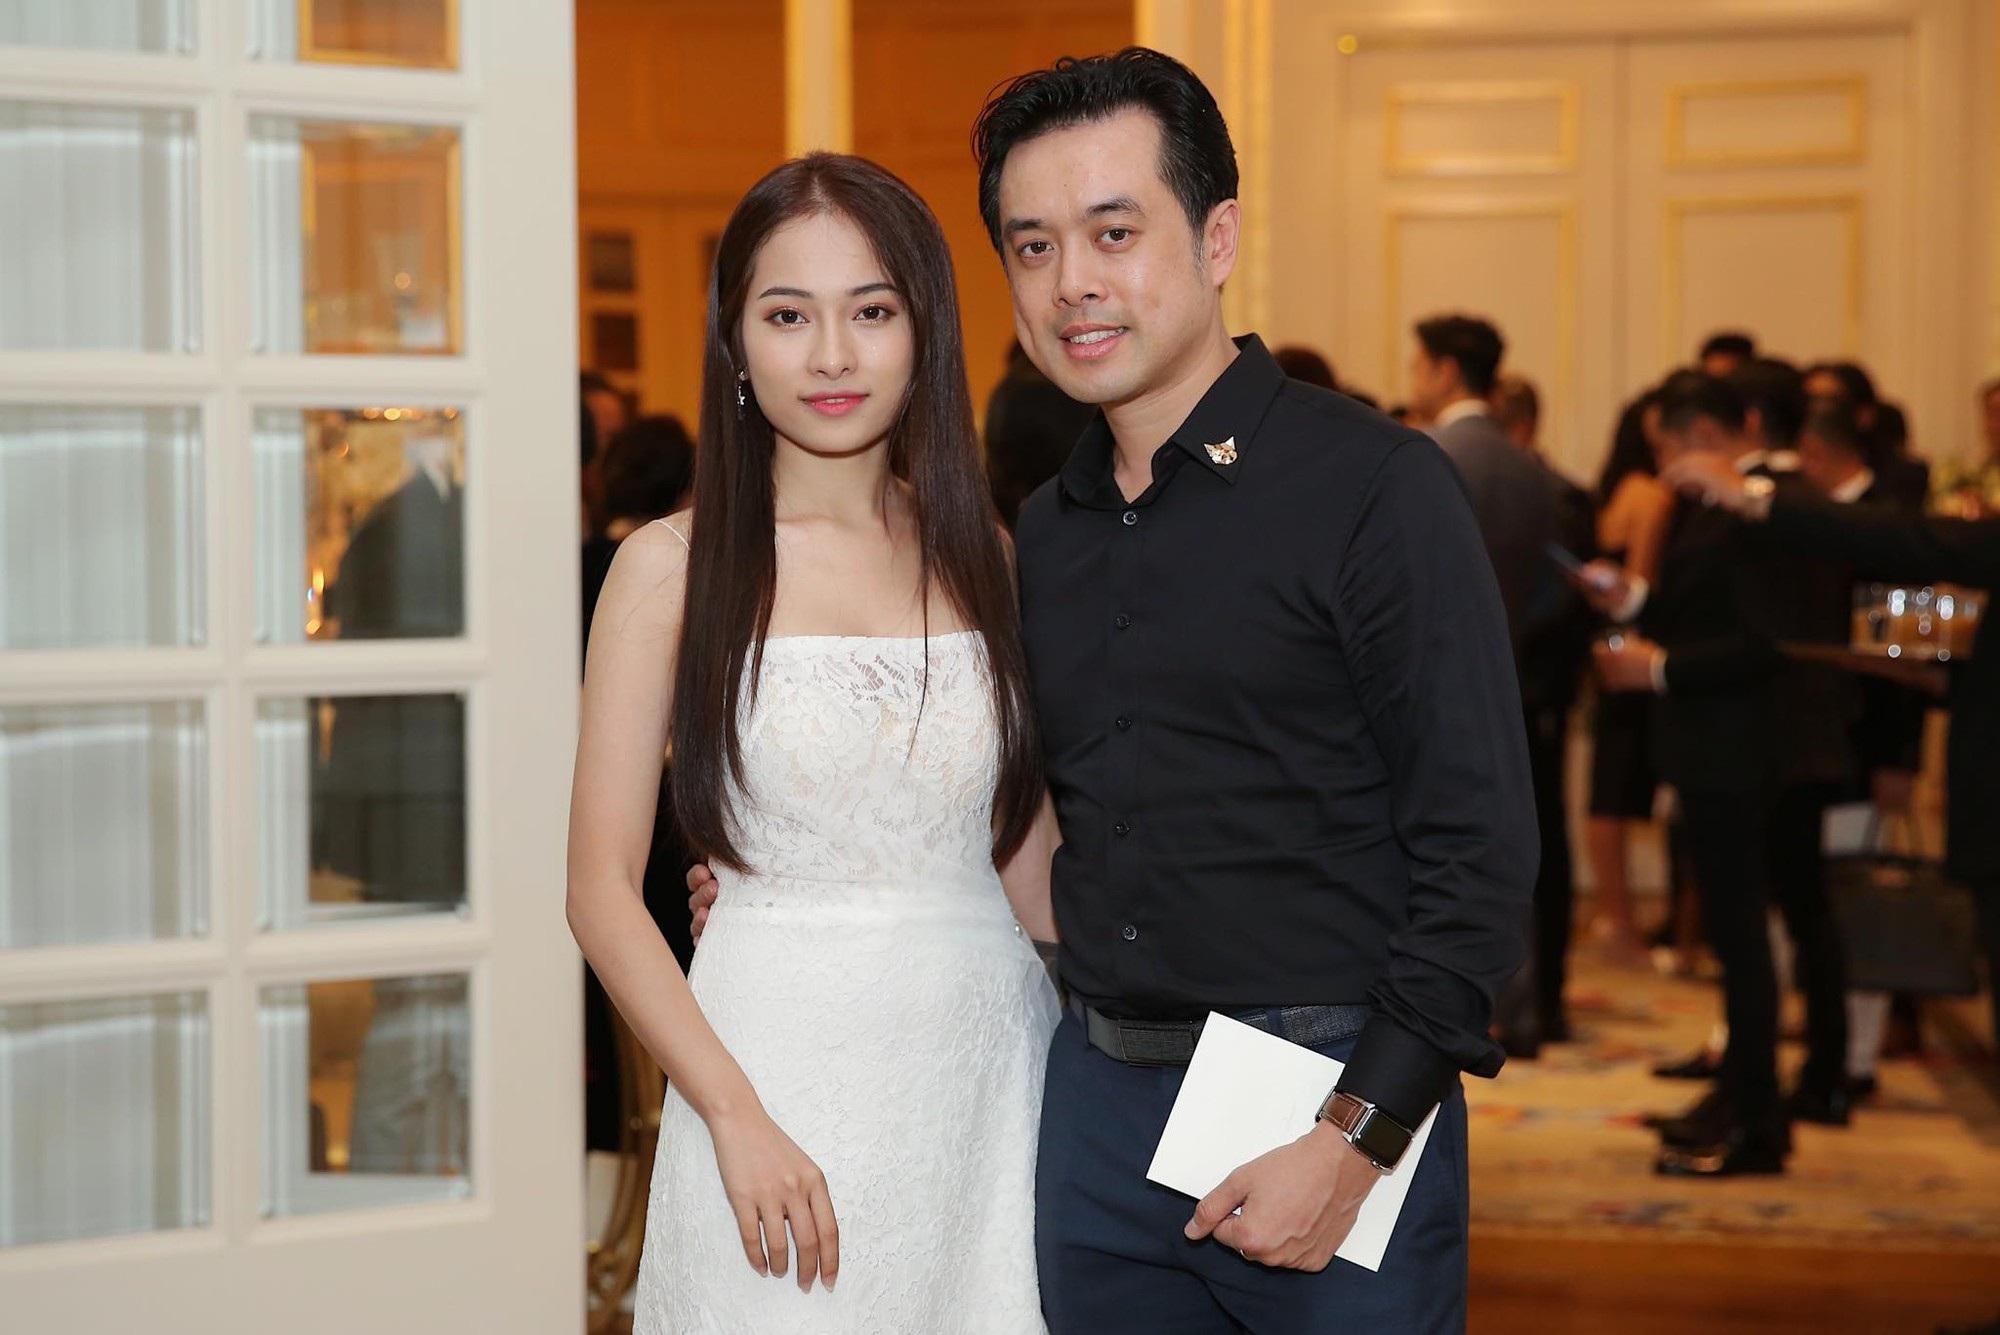 Cuối năm tất bật, dàn sao Việt vẫn dành thời gian đến dự đám cưới Lê Hiếu - Ảnh 14.